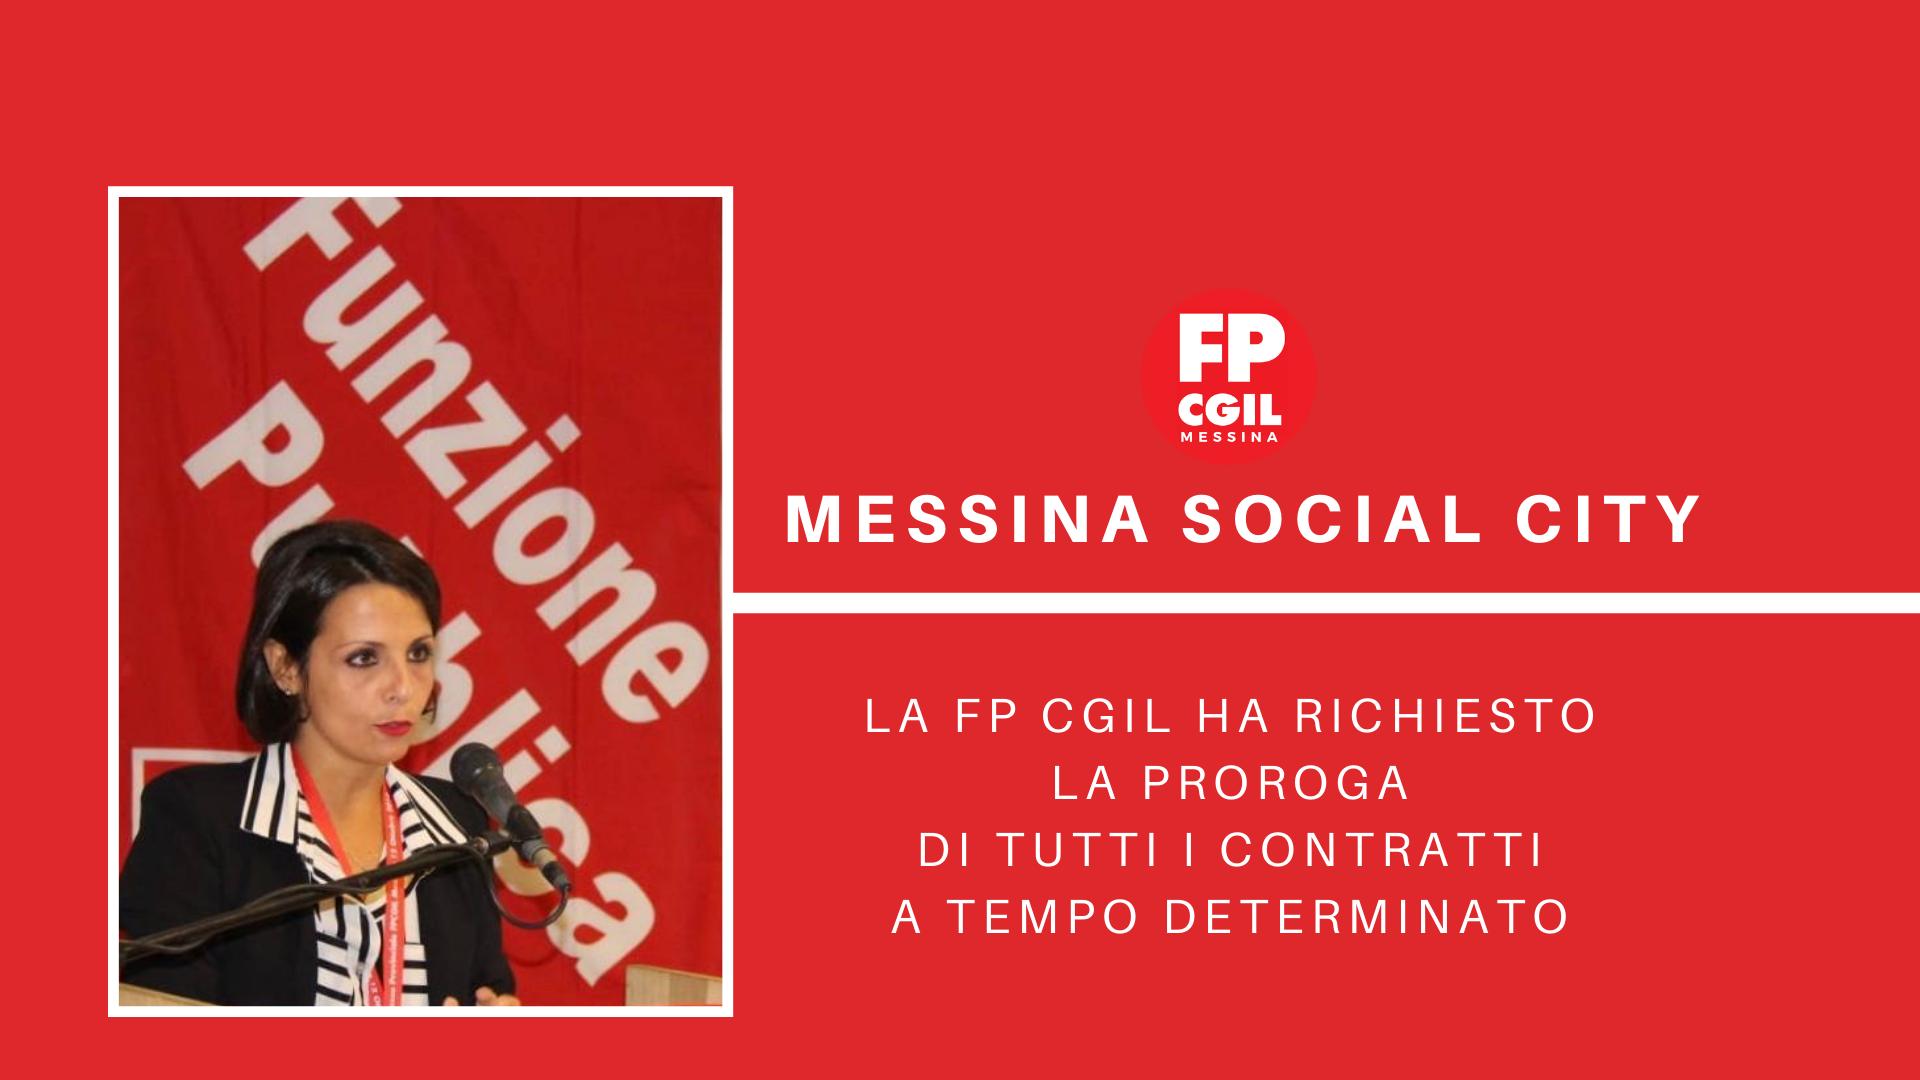 Messina Social City – proroga contratti a tempo determinato ai sensi dell'art. 8 del DL 104/2020